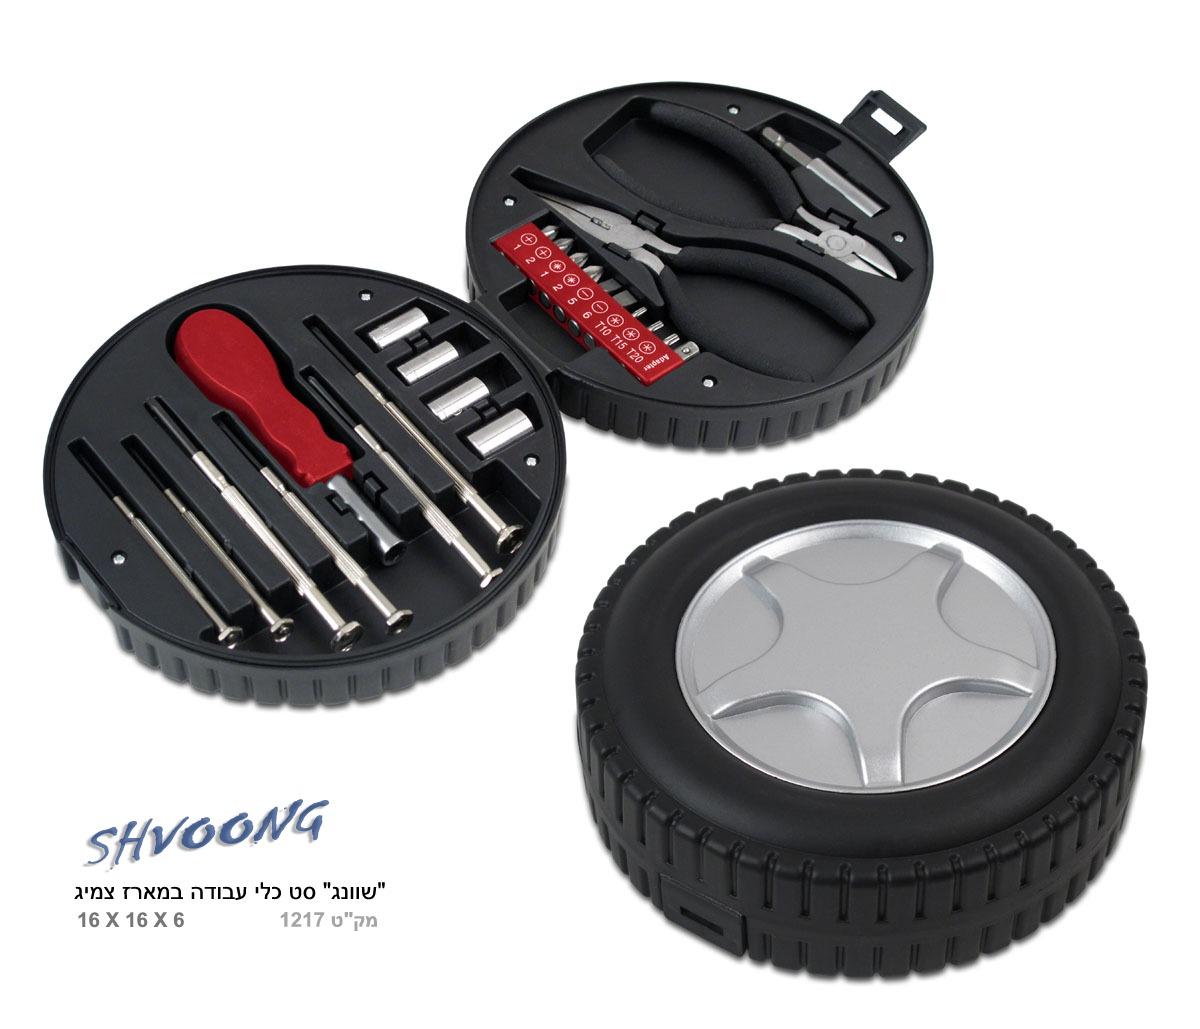 סט כלים בצורת גלגל